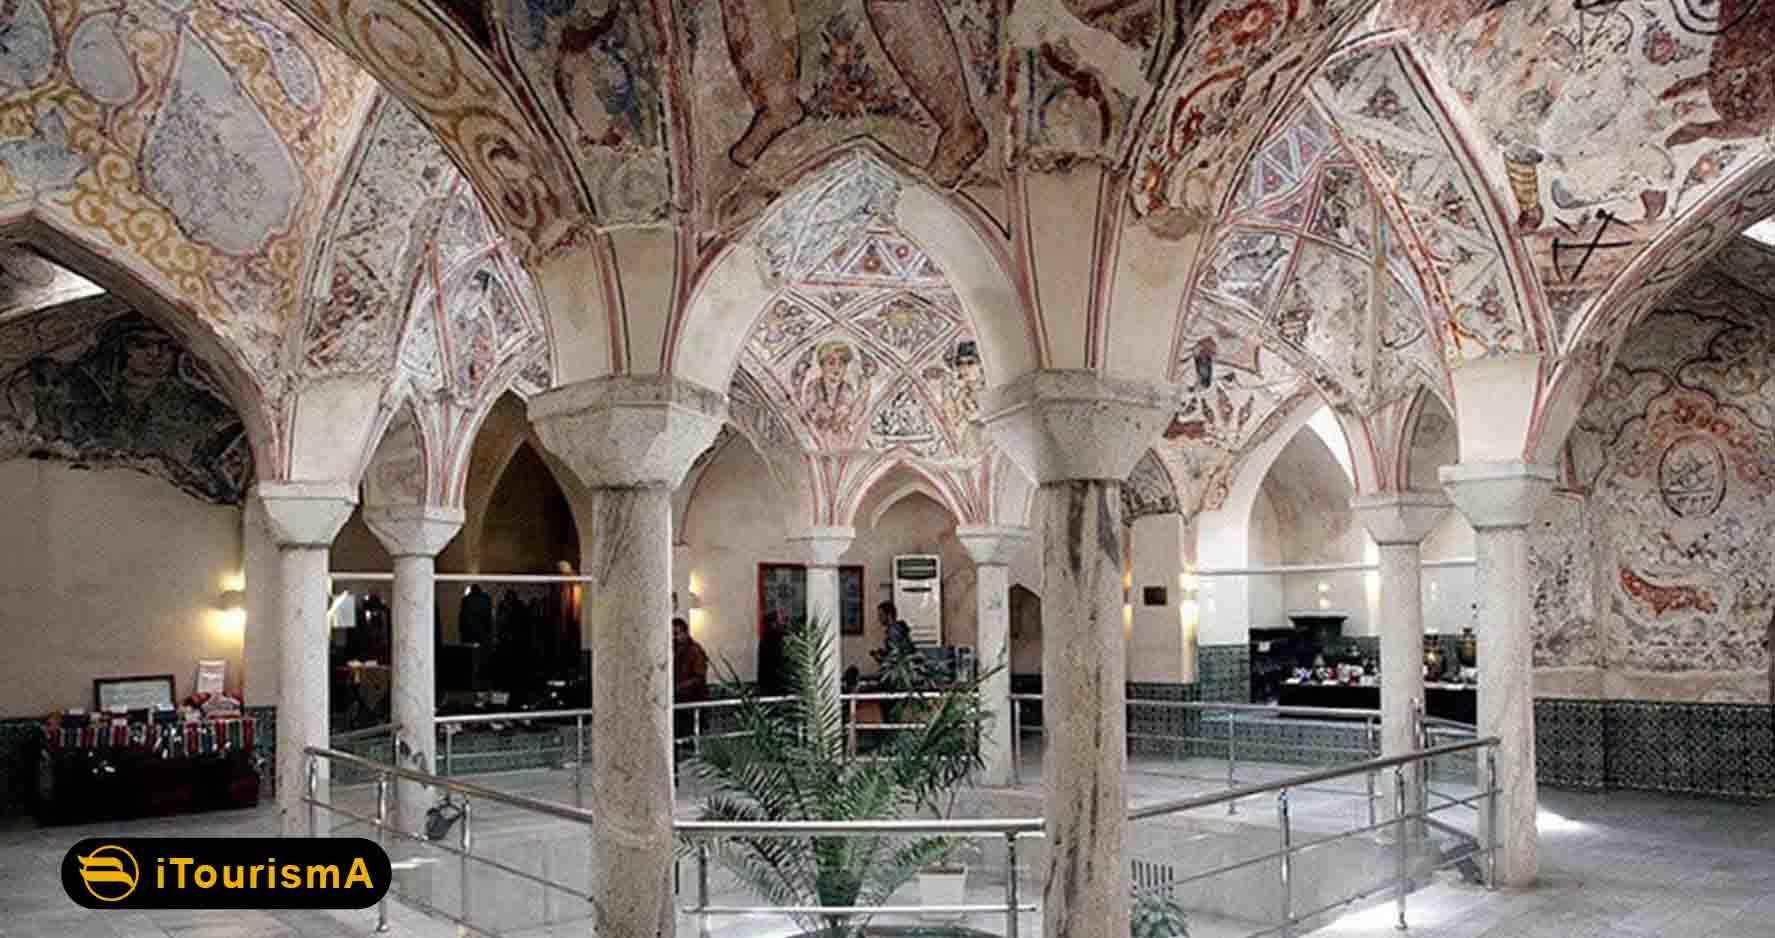 حمام شاه در مشهد یک اثر تاریخی مربوط به دوره صفویه می باشد